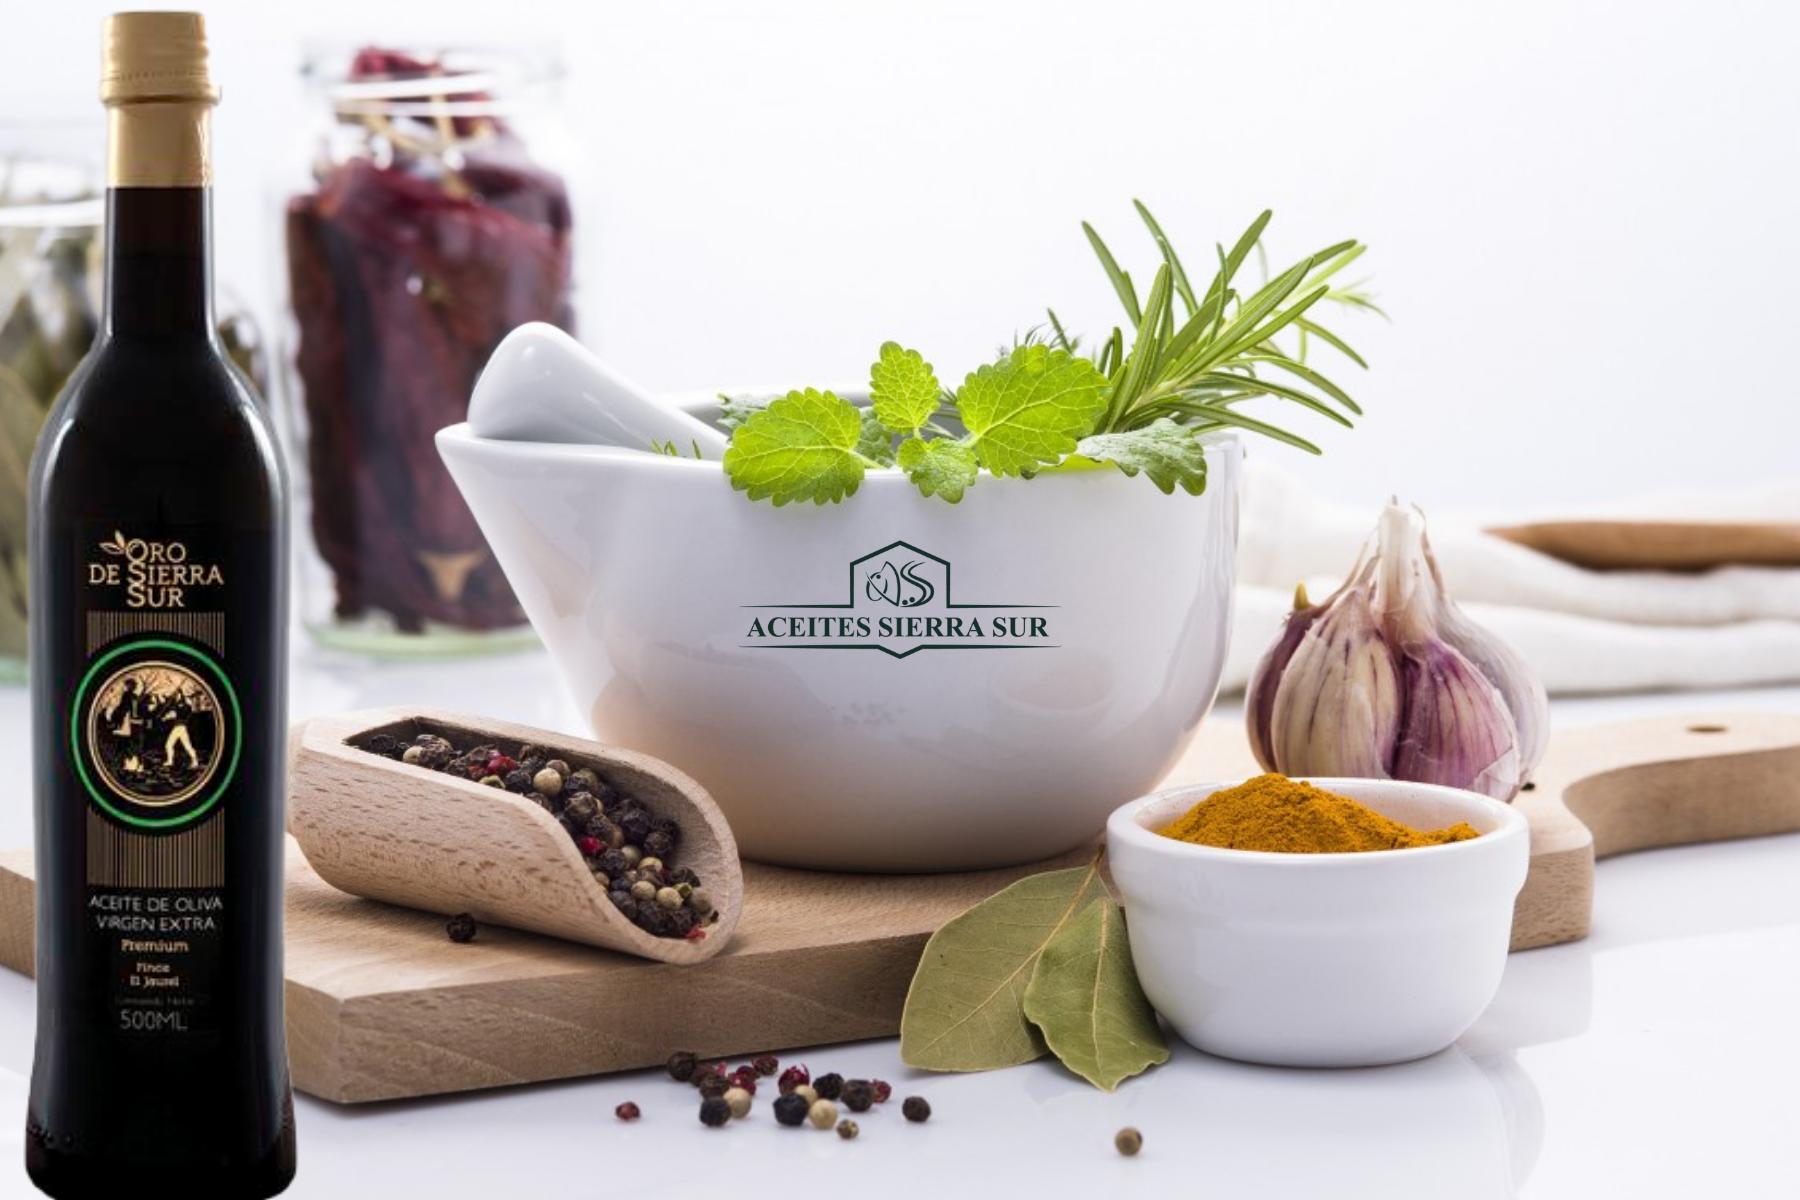 AOVE de sabores: cómo hacer aceites caseros 'a la carta'